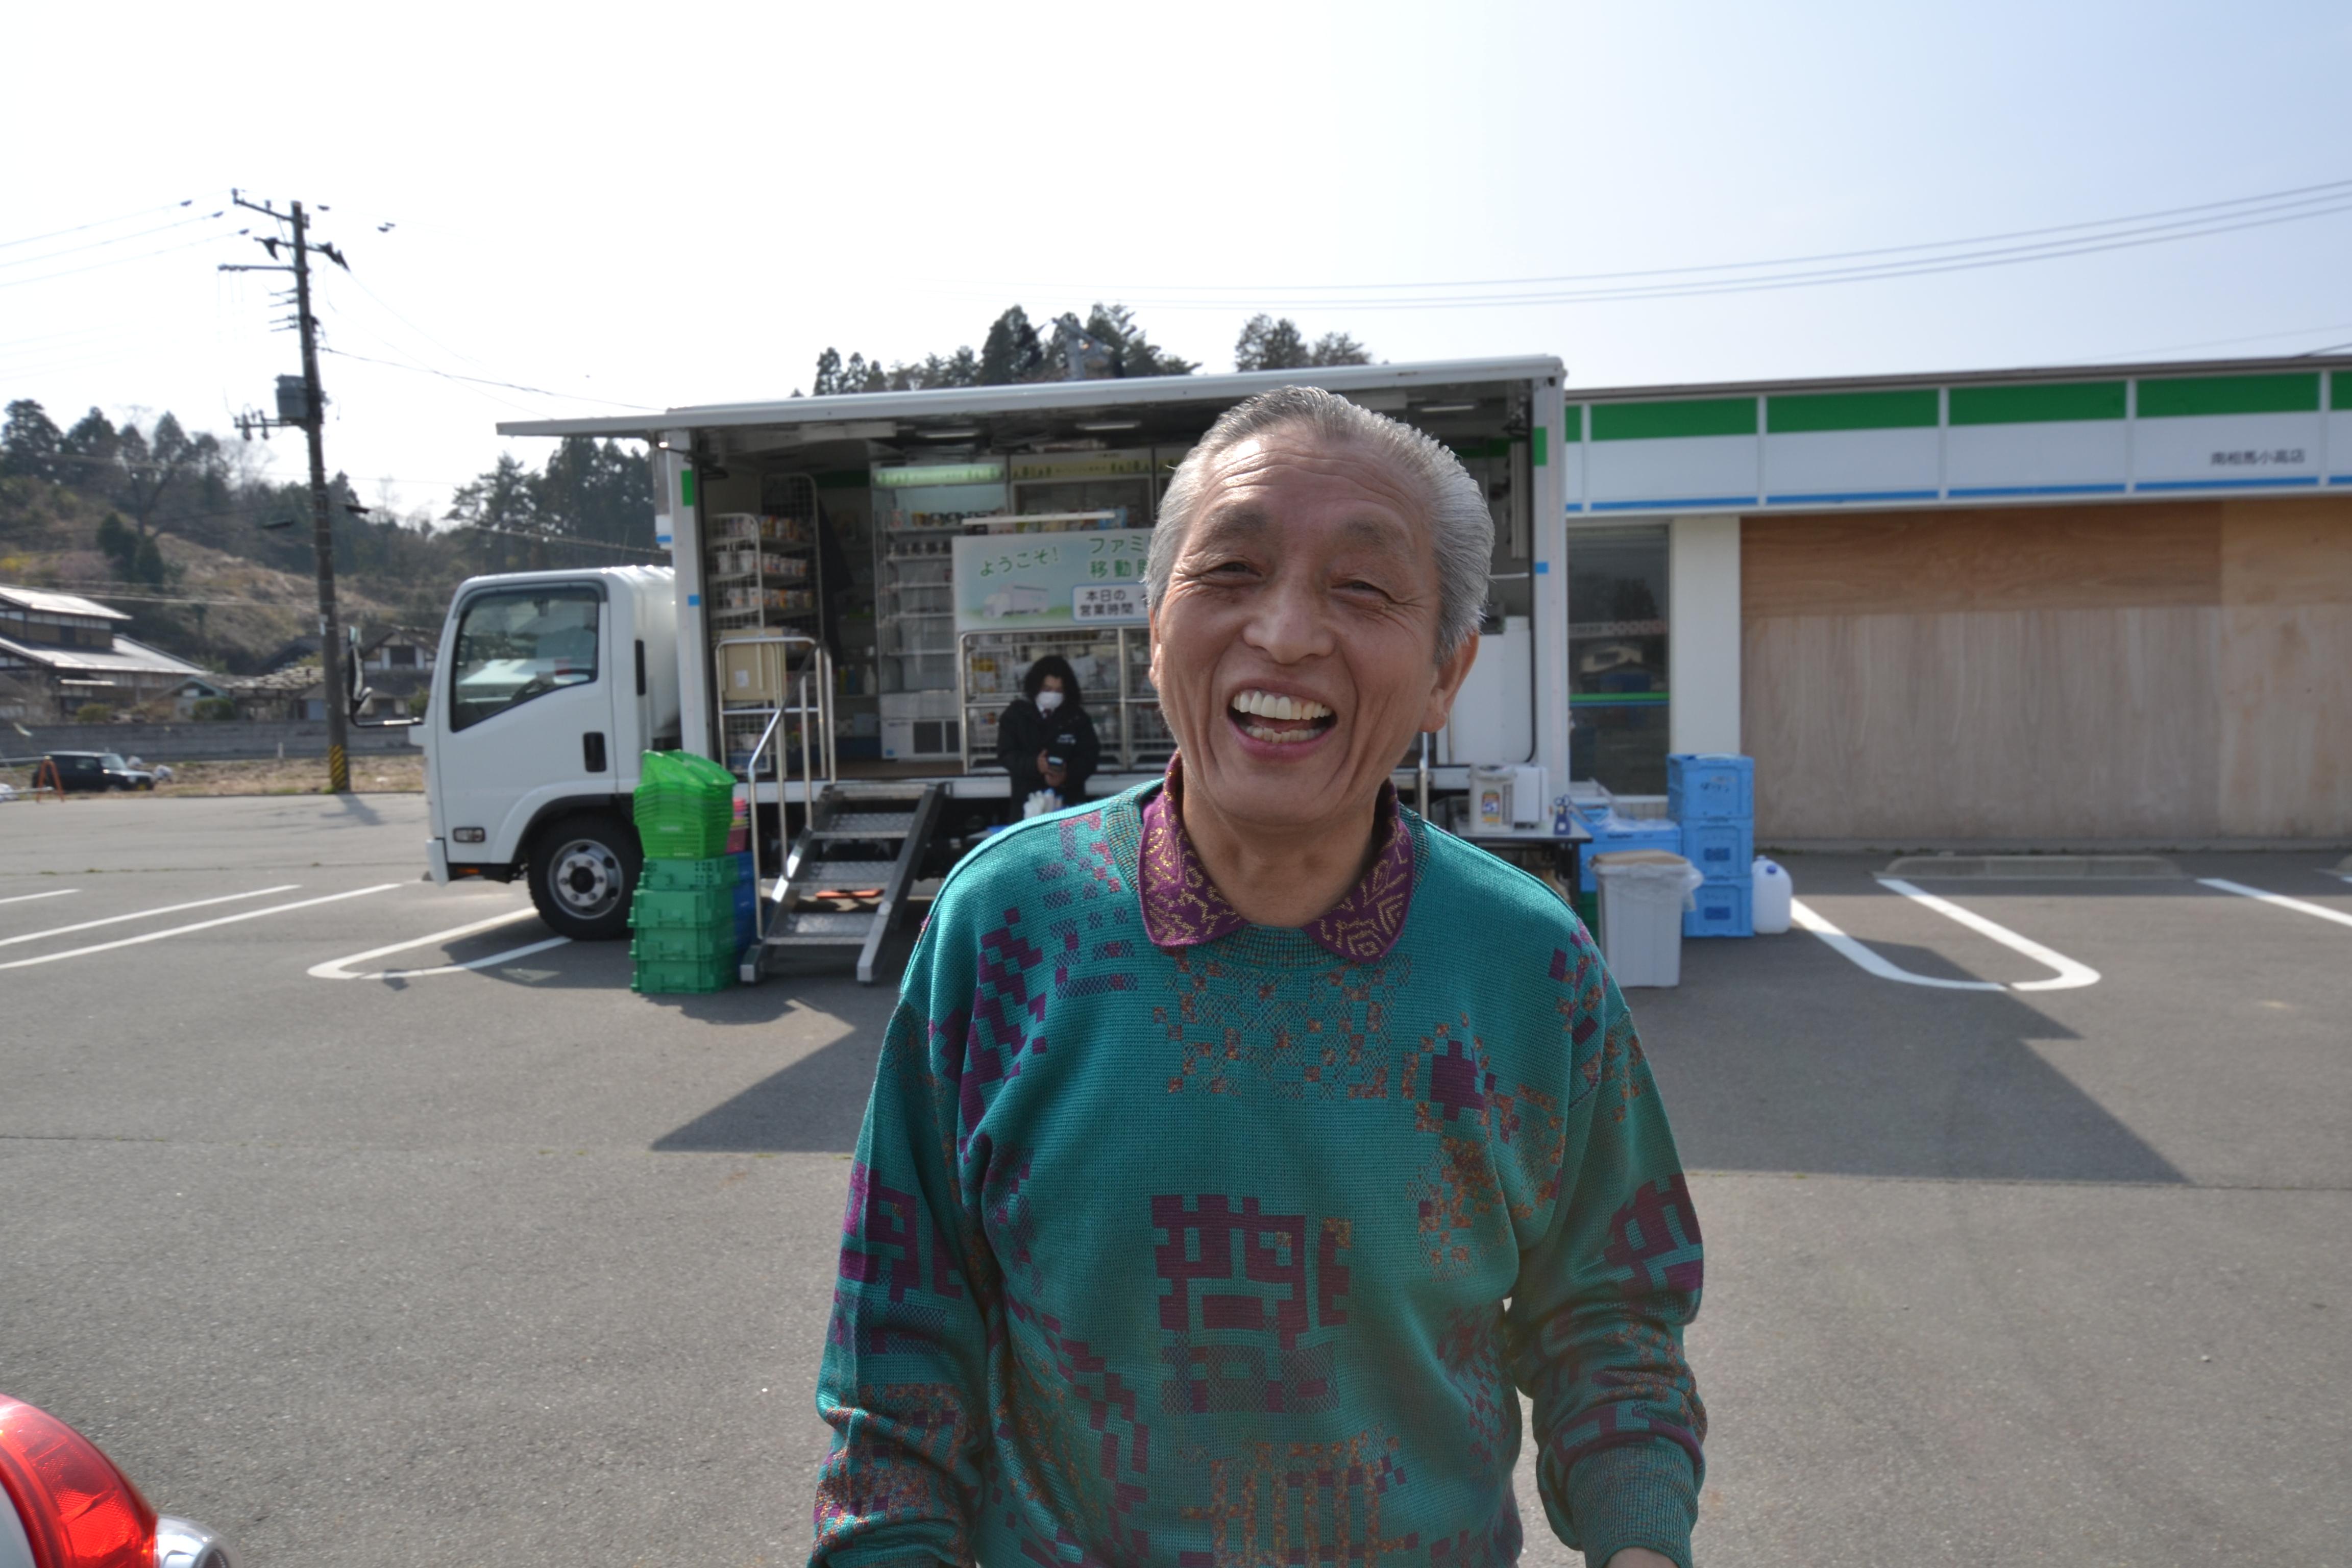 fukushima temp convenience store truck kowata.JPG